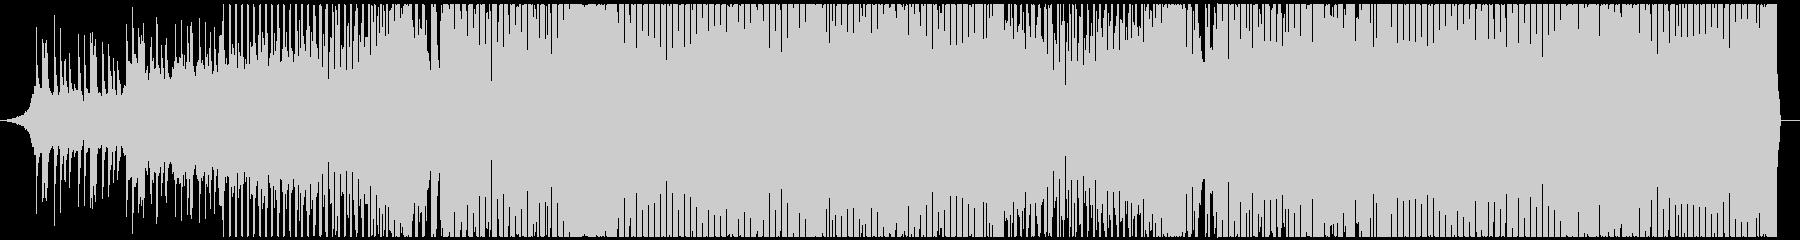 ノリノリ・エレクトロ・ハウス系の未再生の波形